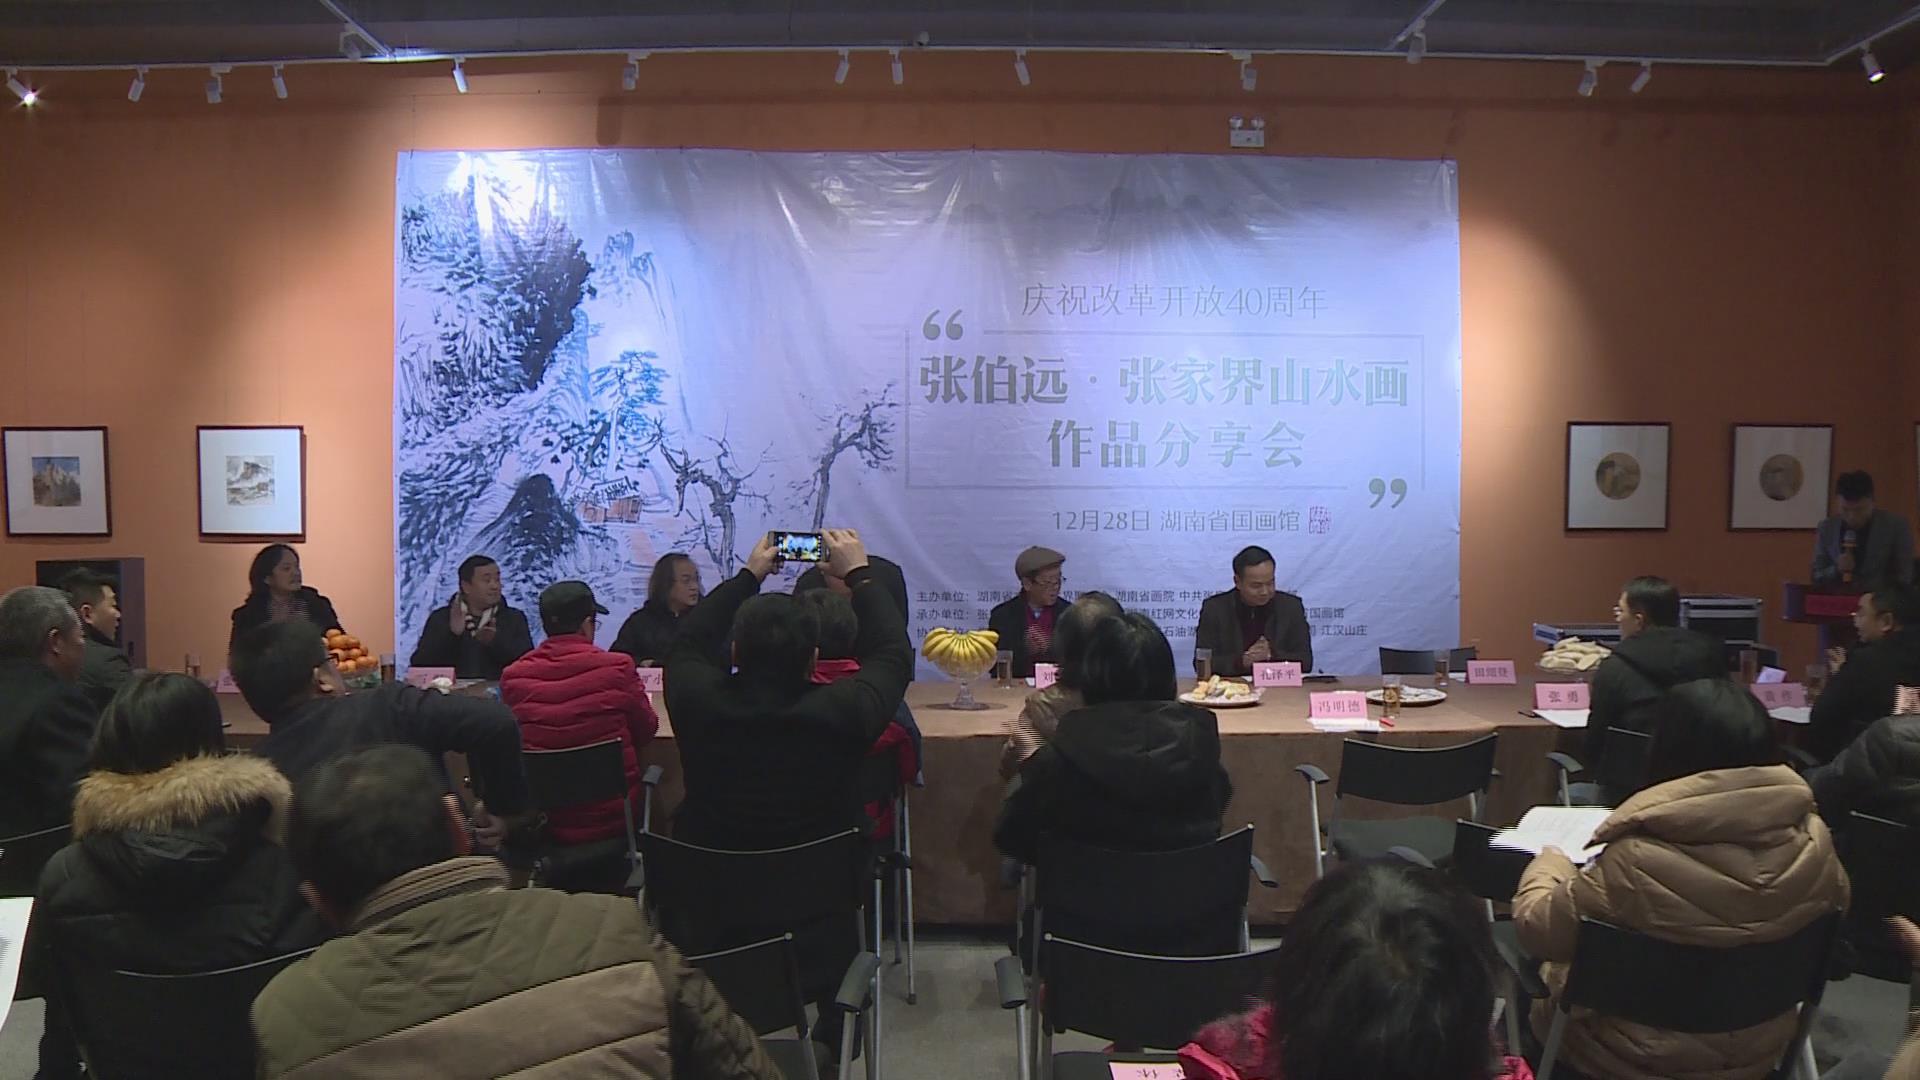 庆祝改革开放40周年:张伯远·张家界山水画作品分享会在长沙举行